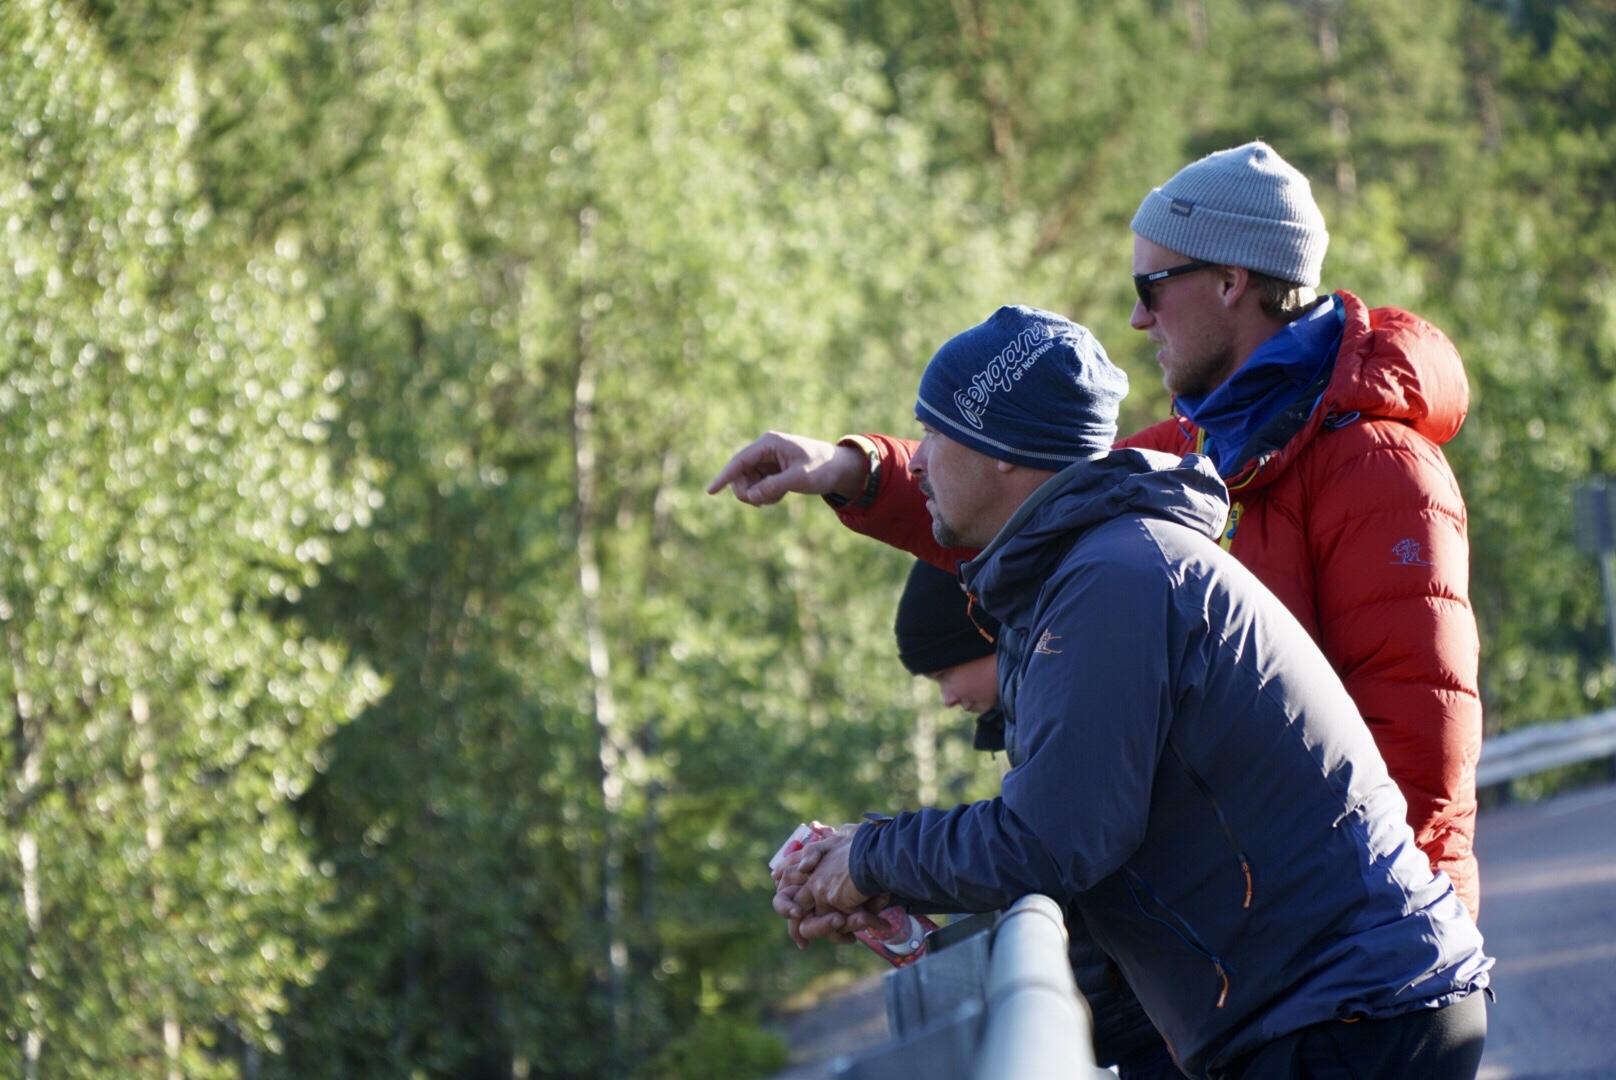 Dag 4-6: Paddlingskurs Älvdalens Utbildningscentrum